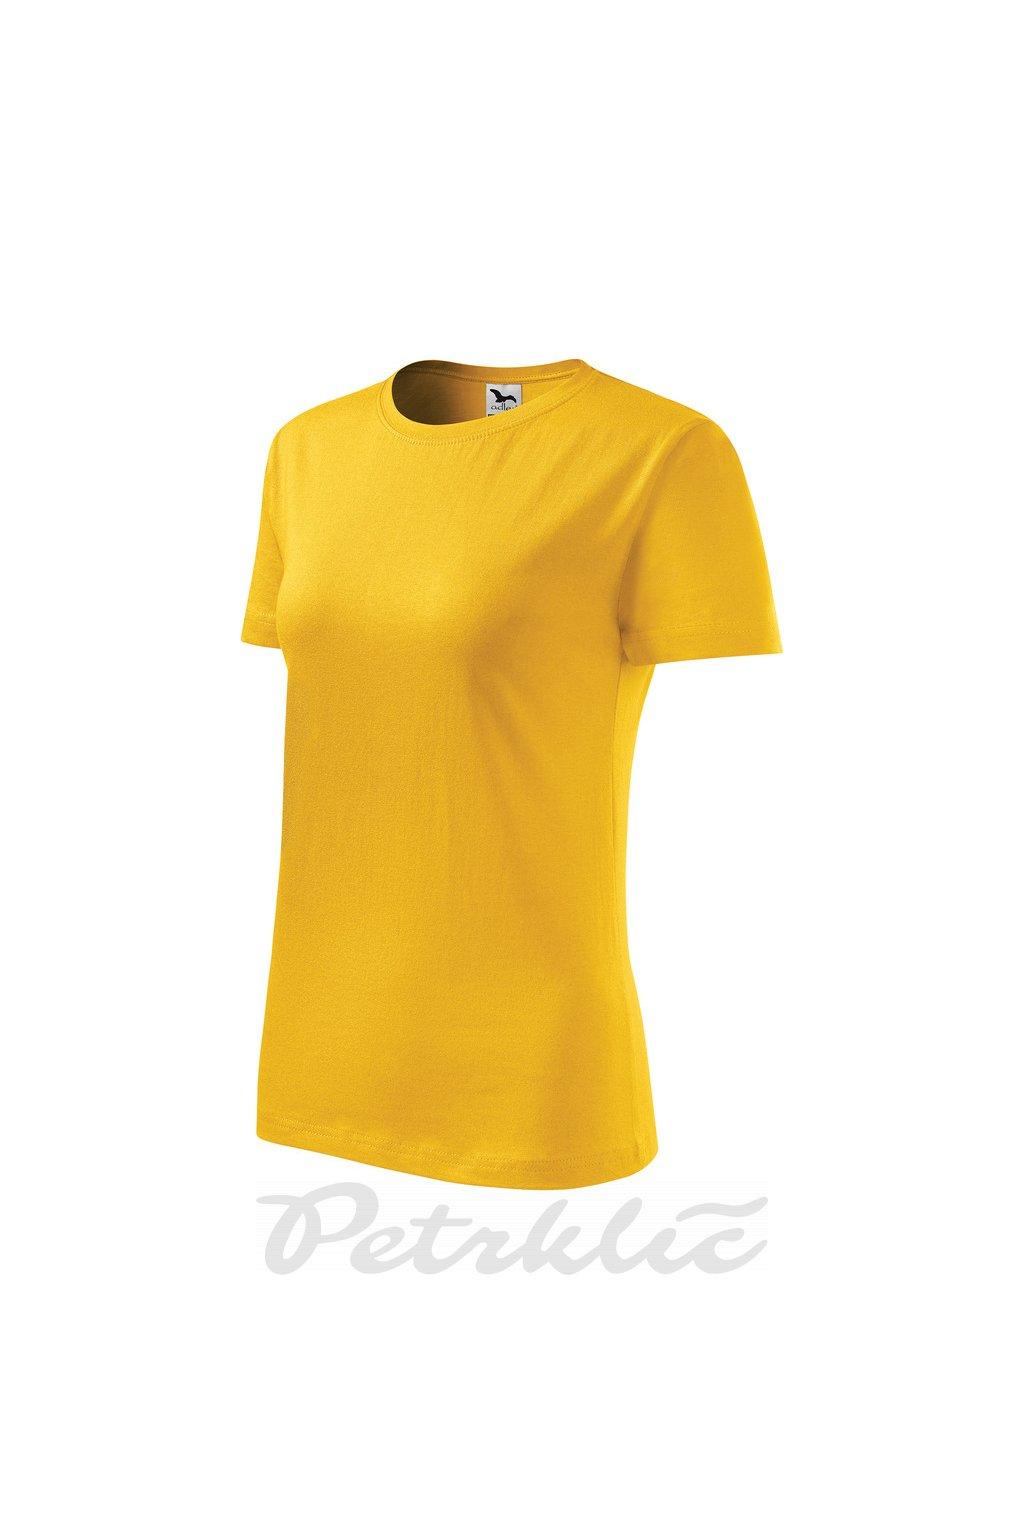 BASIC - dámské tričko